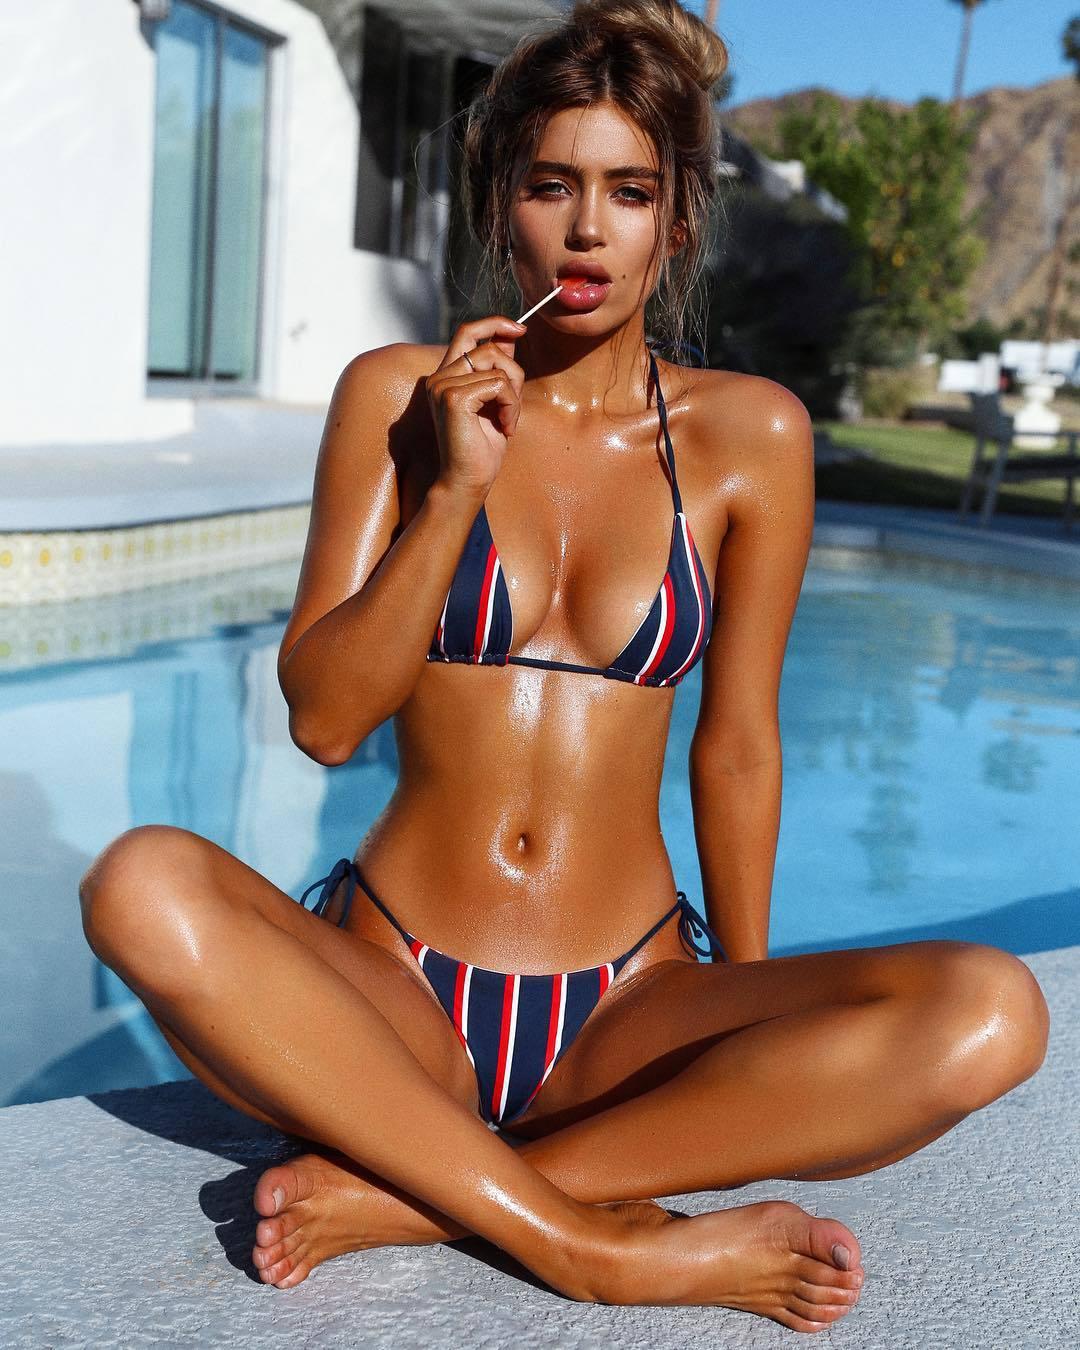 ANK114 歐美新款海軍風條紋綁帶性感丁字比基尼兩件式泳衣泳裝 附胸墊